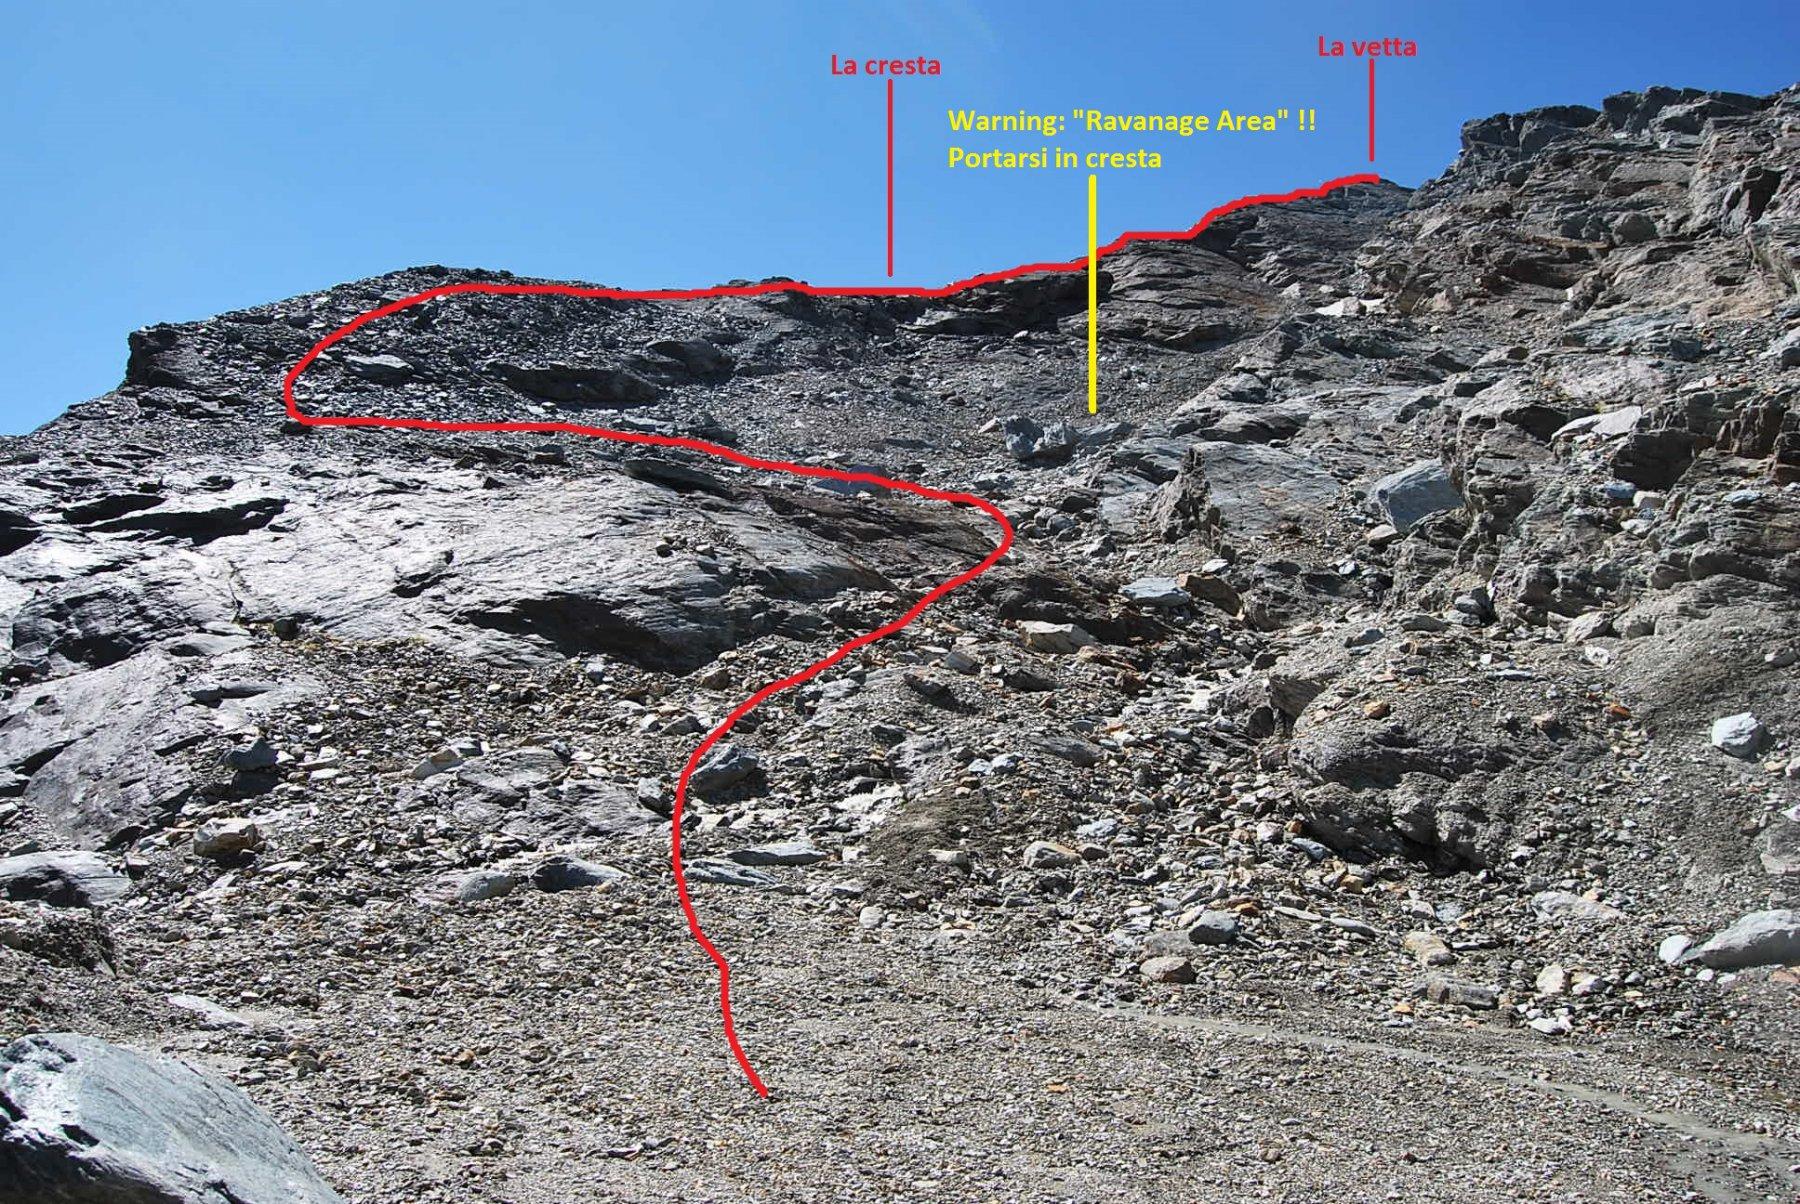 L'arrivo al pendio sotto la cima, dove occorre portarsi sulla cresta per arrivare in vetta.